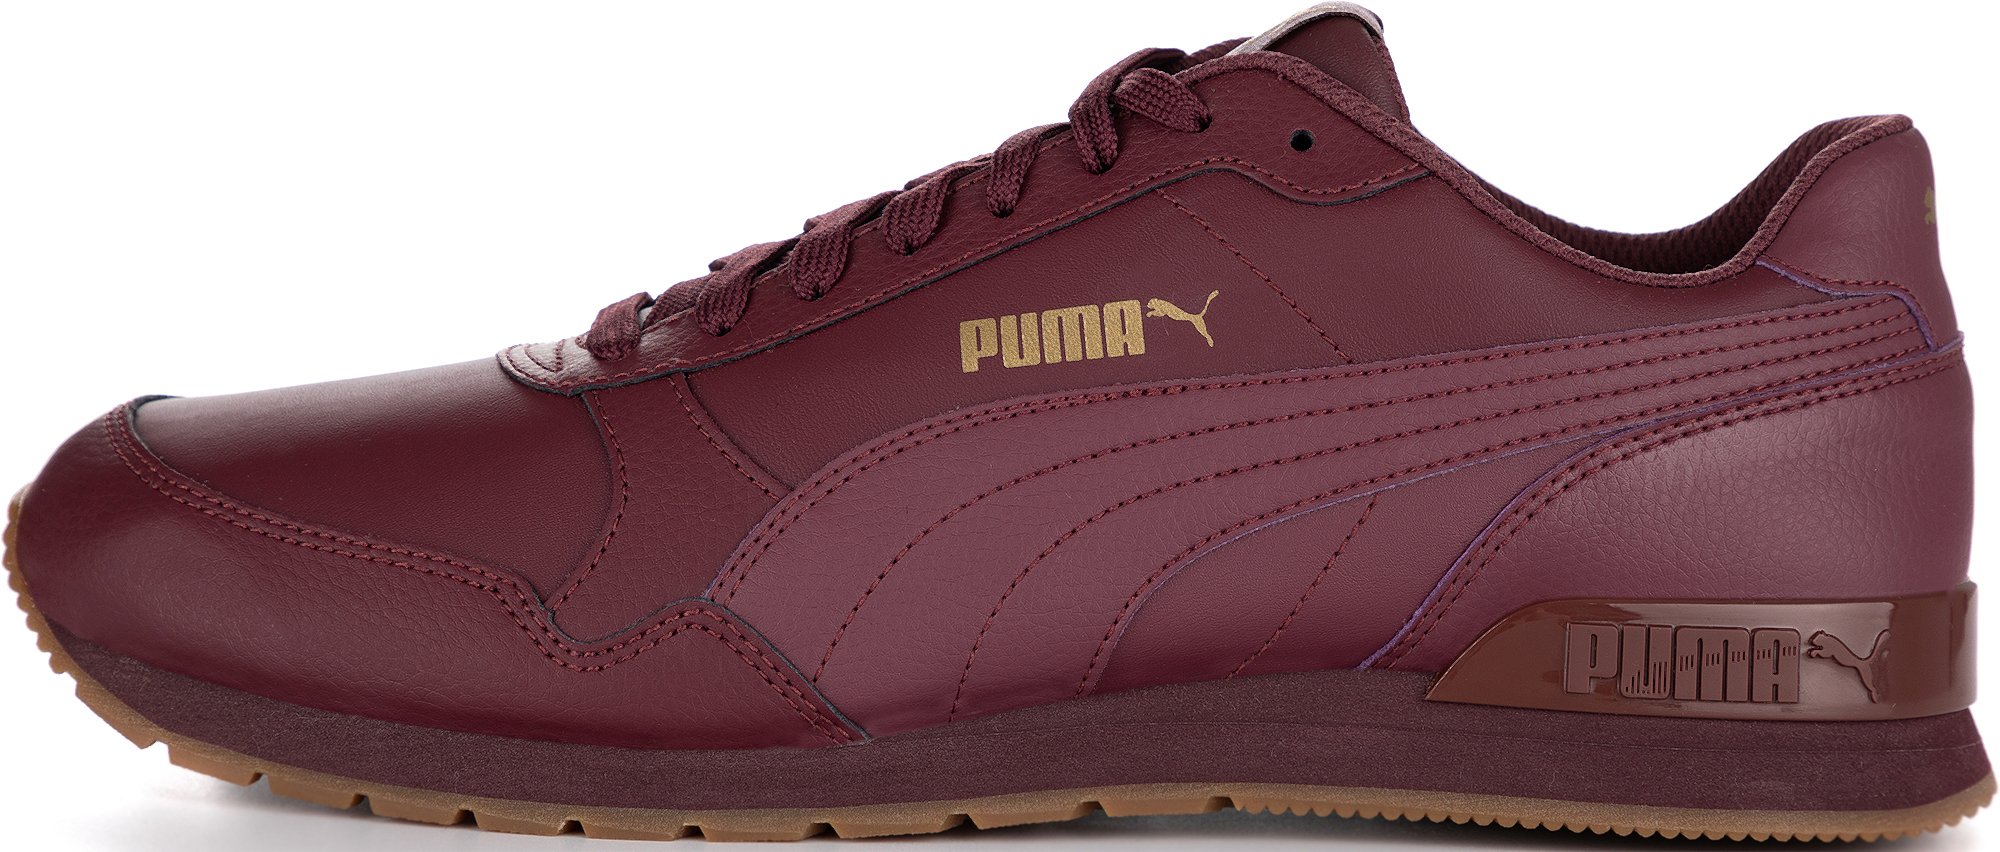 Фото - Puma Кроссовки женские Puma ST Runner v2 Full, размер 36 кроссовки мужские puma st runner